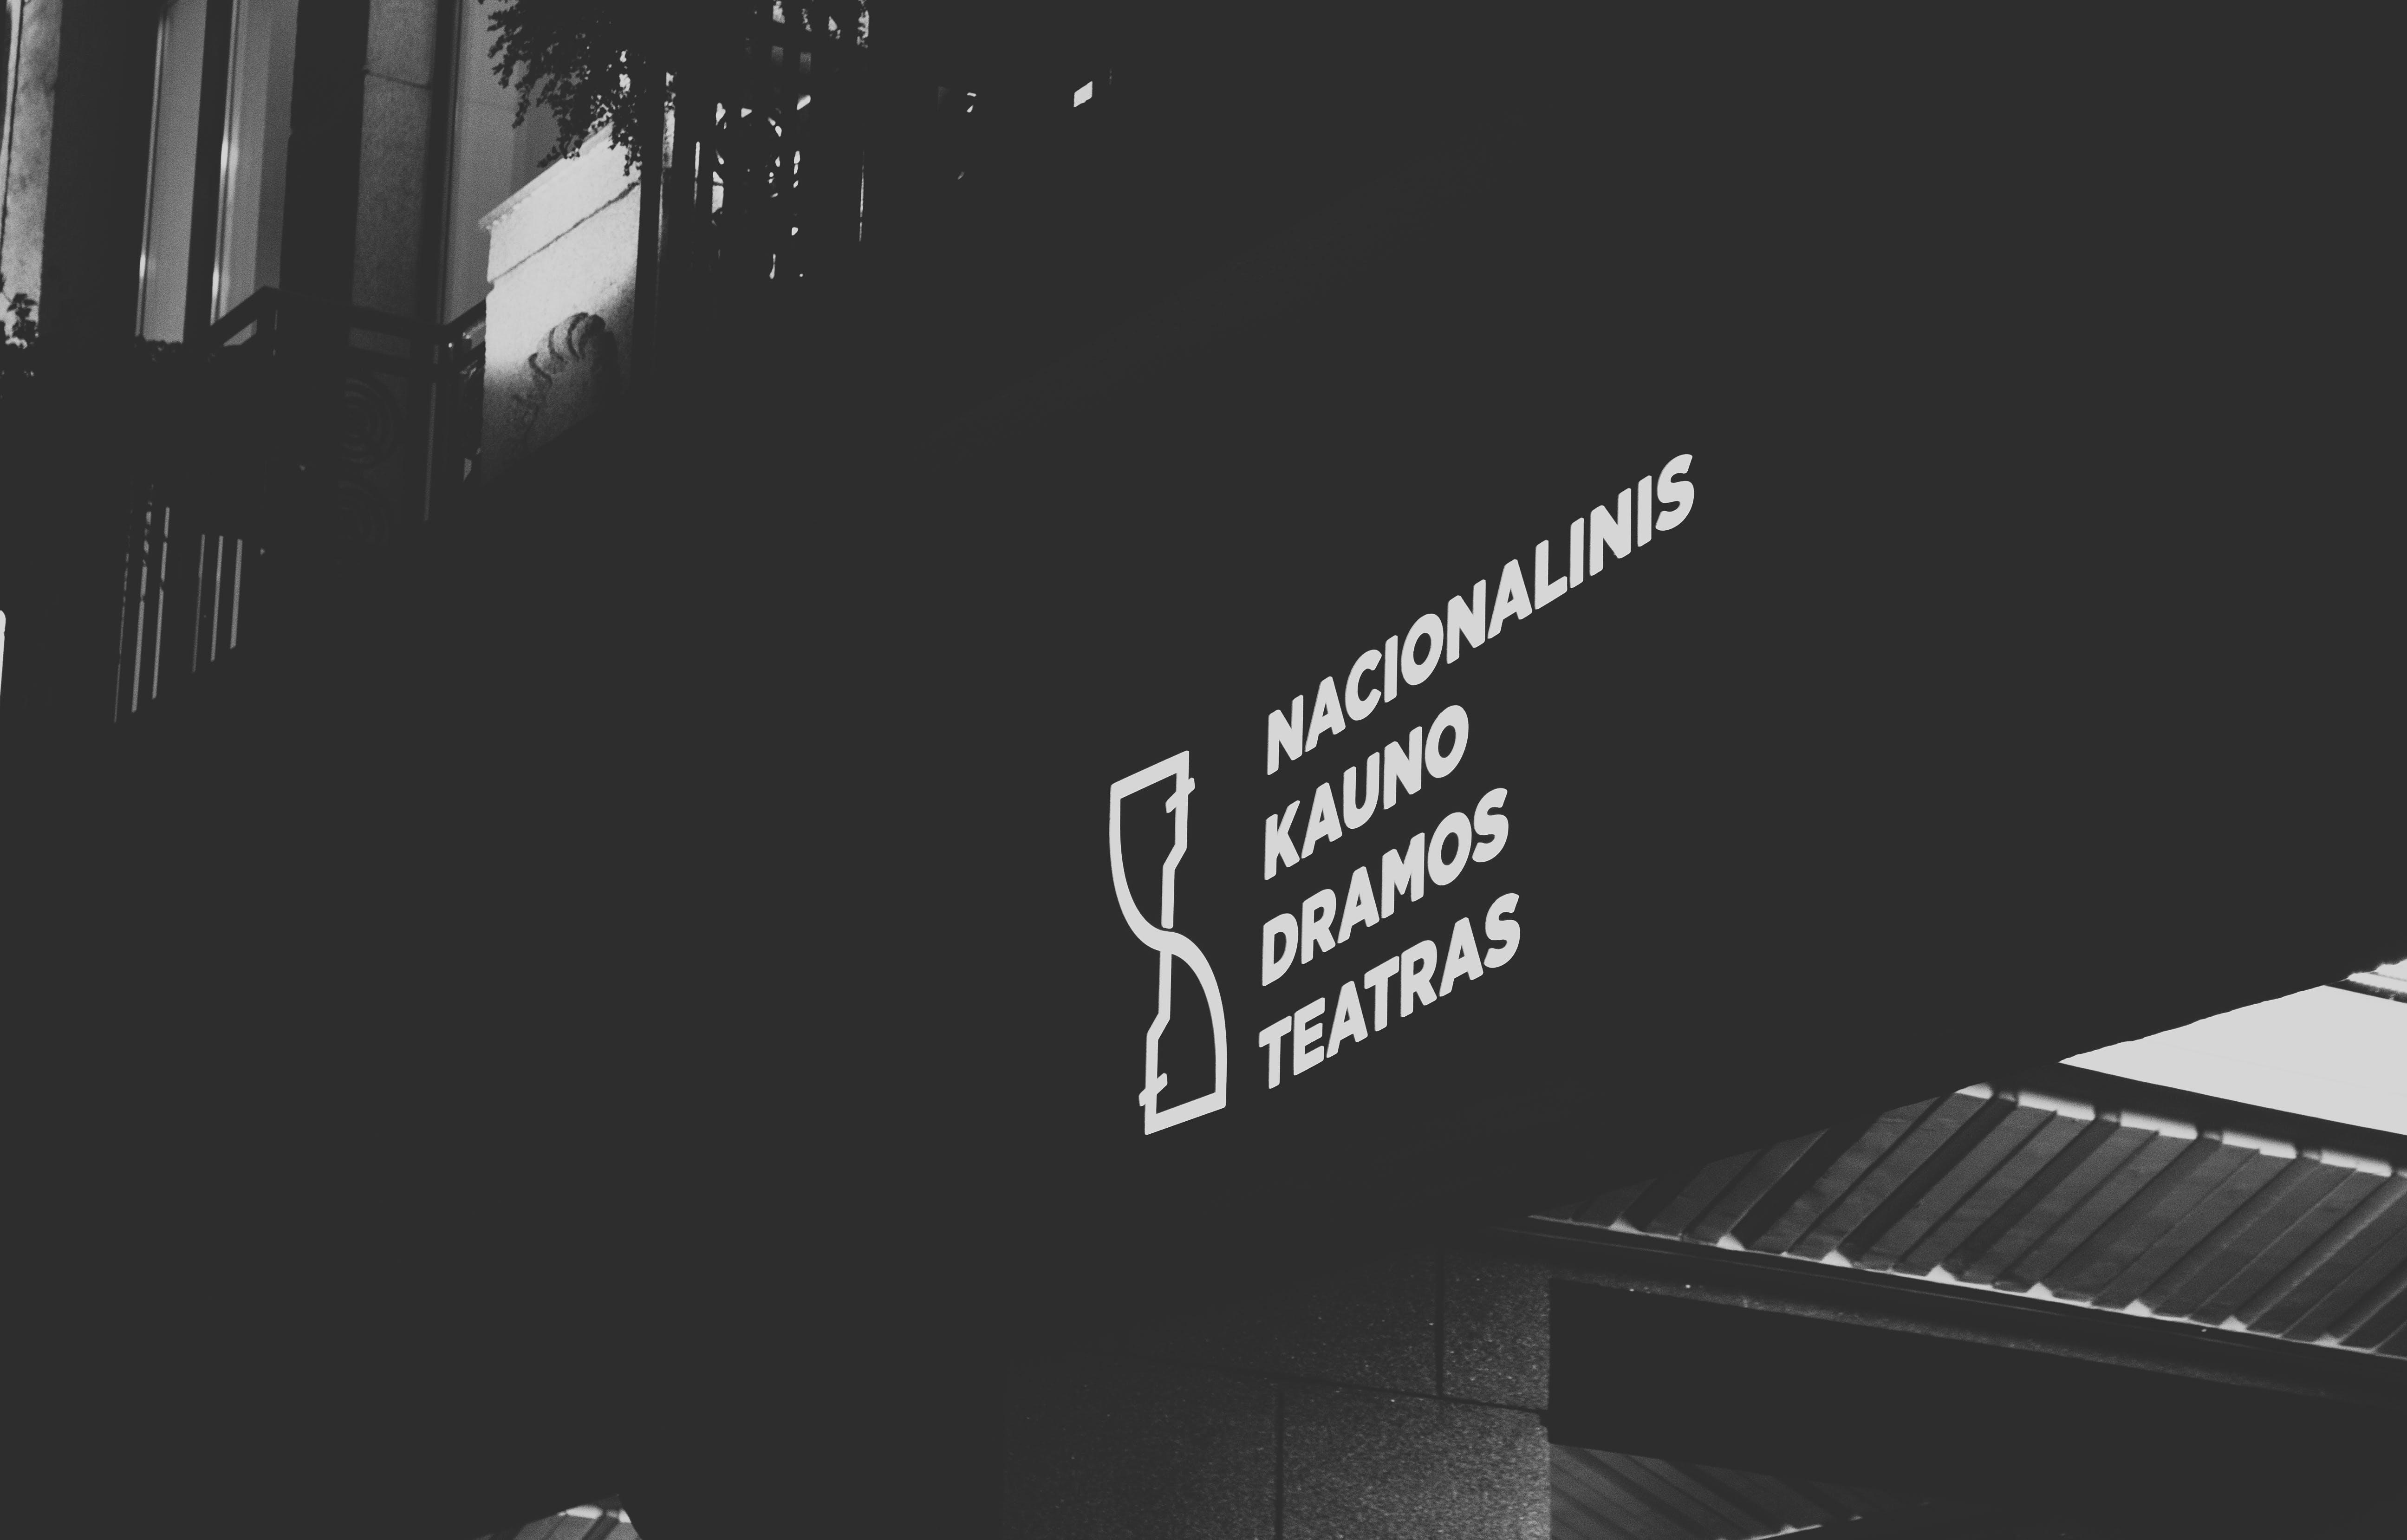 Nacionalinis Kauno Dramos Teatras Signage